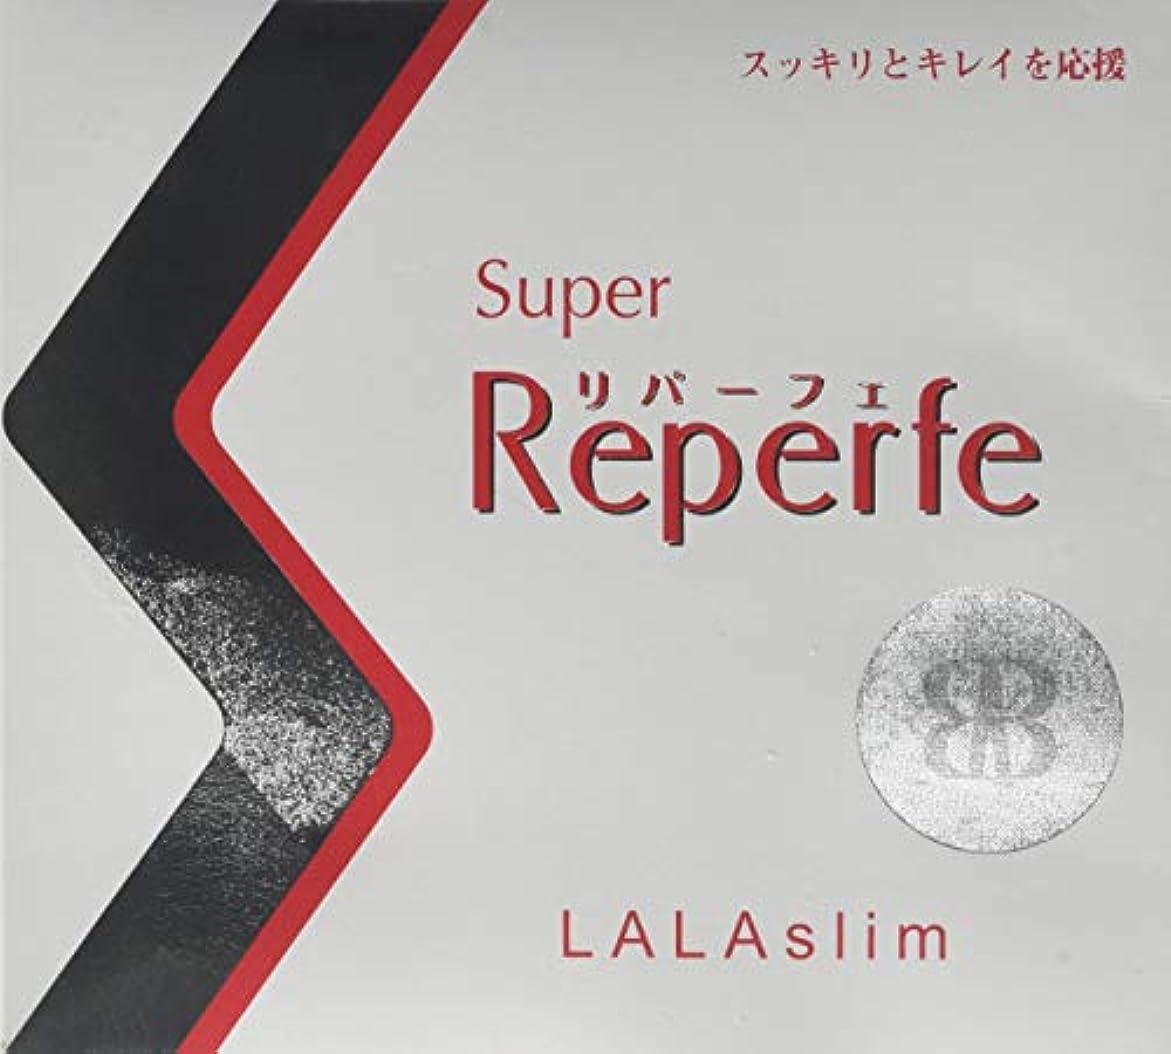 おしゃれな前者横にスーパーリパーフェ ララスリム 錠剤タイプ×5箱